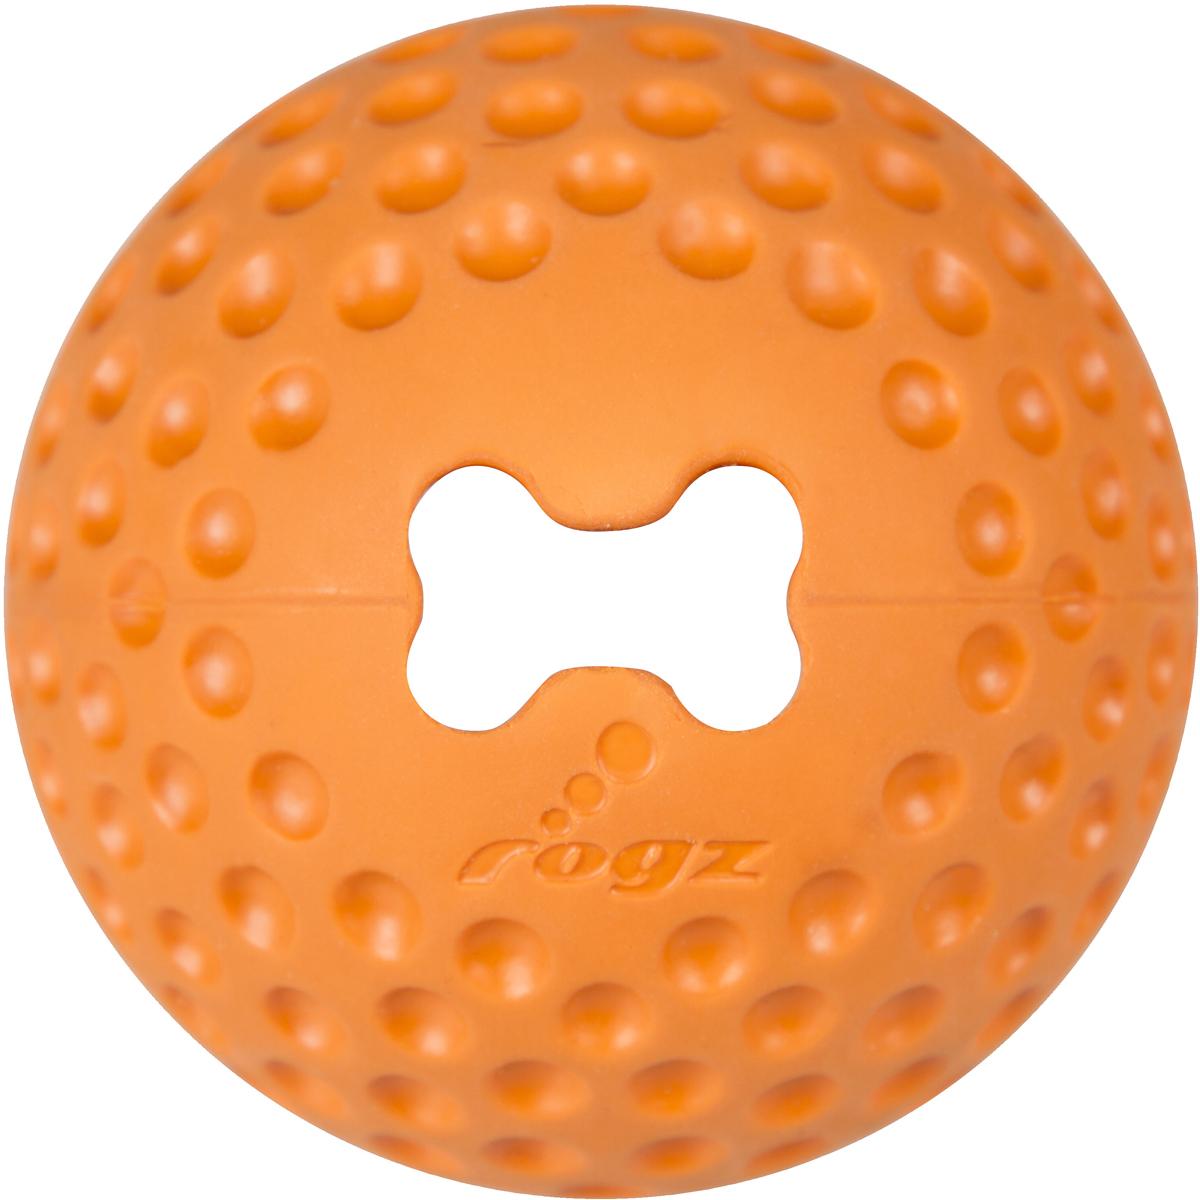 Игрушка для собак Rogz Gumz, с отверстием для лакомства, цвет: оранжевый, диаметр 6,4 см0120710Игрушка для собак Rogz Gumz тренирует жевательные мышцы и массирует десны собаке. Отлично подходит для дрессировки, так как есть отверстие для лакомства.Отлично подпрыгивает при играх.Занимательная игрушка выдерживает долгое жевание и разгрызание. Материал изделия: 85 % натуральной резины, 15 % синтетической резины. Не токсичен.